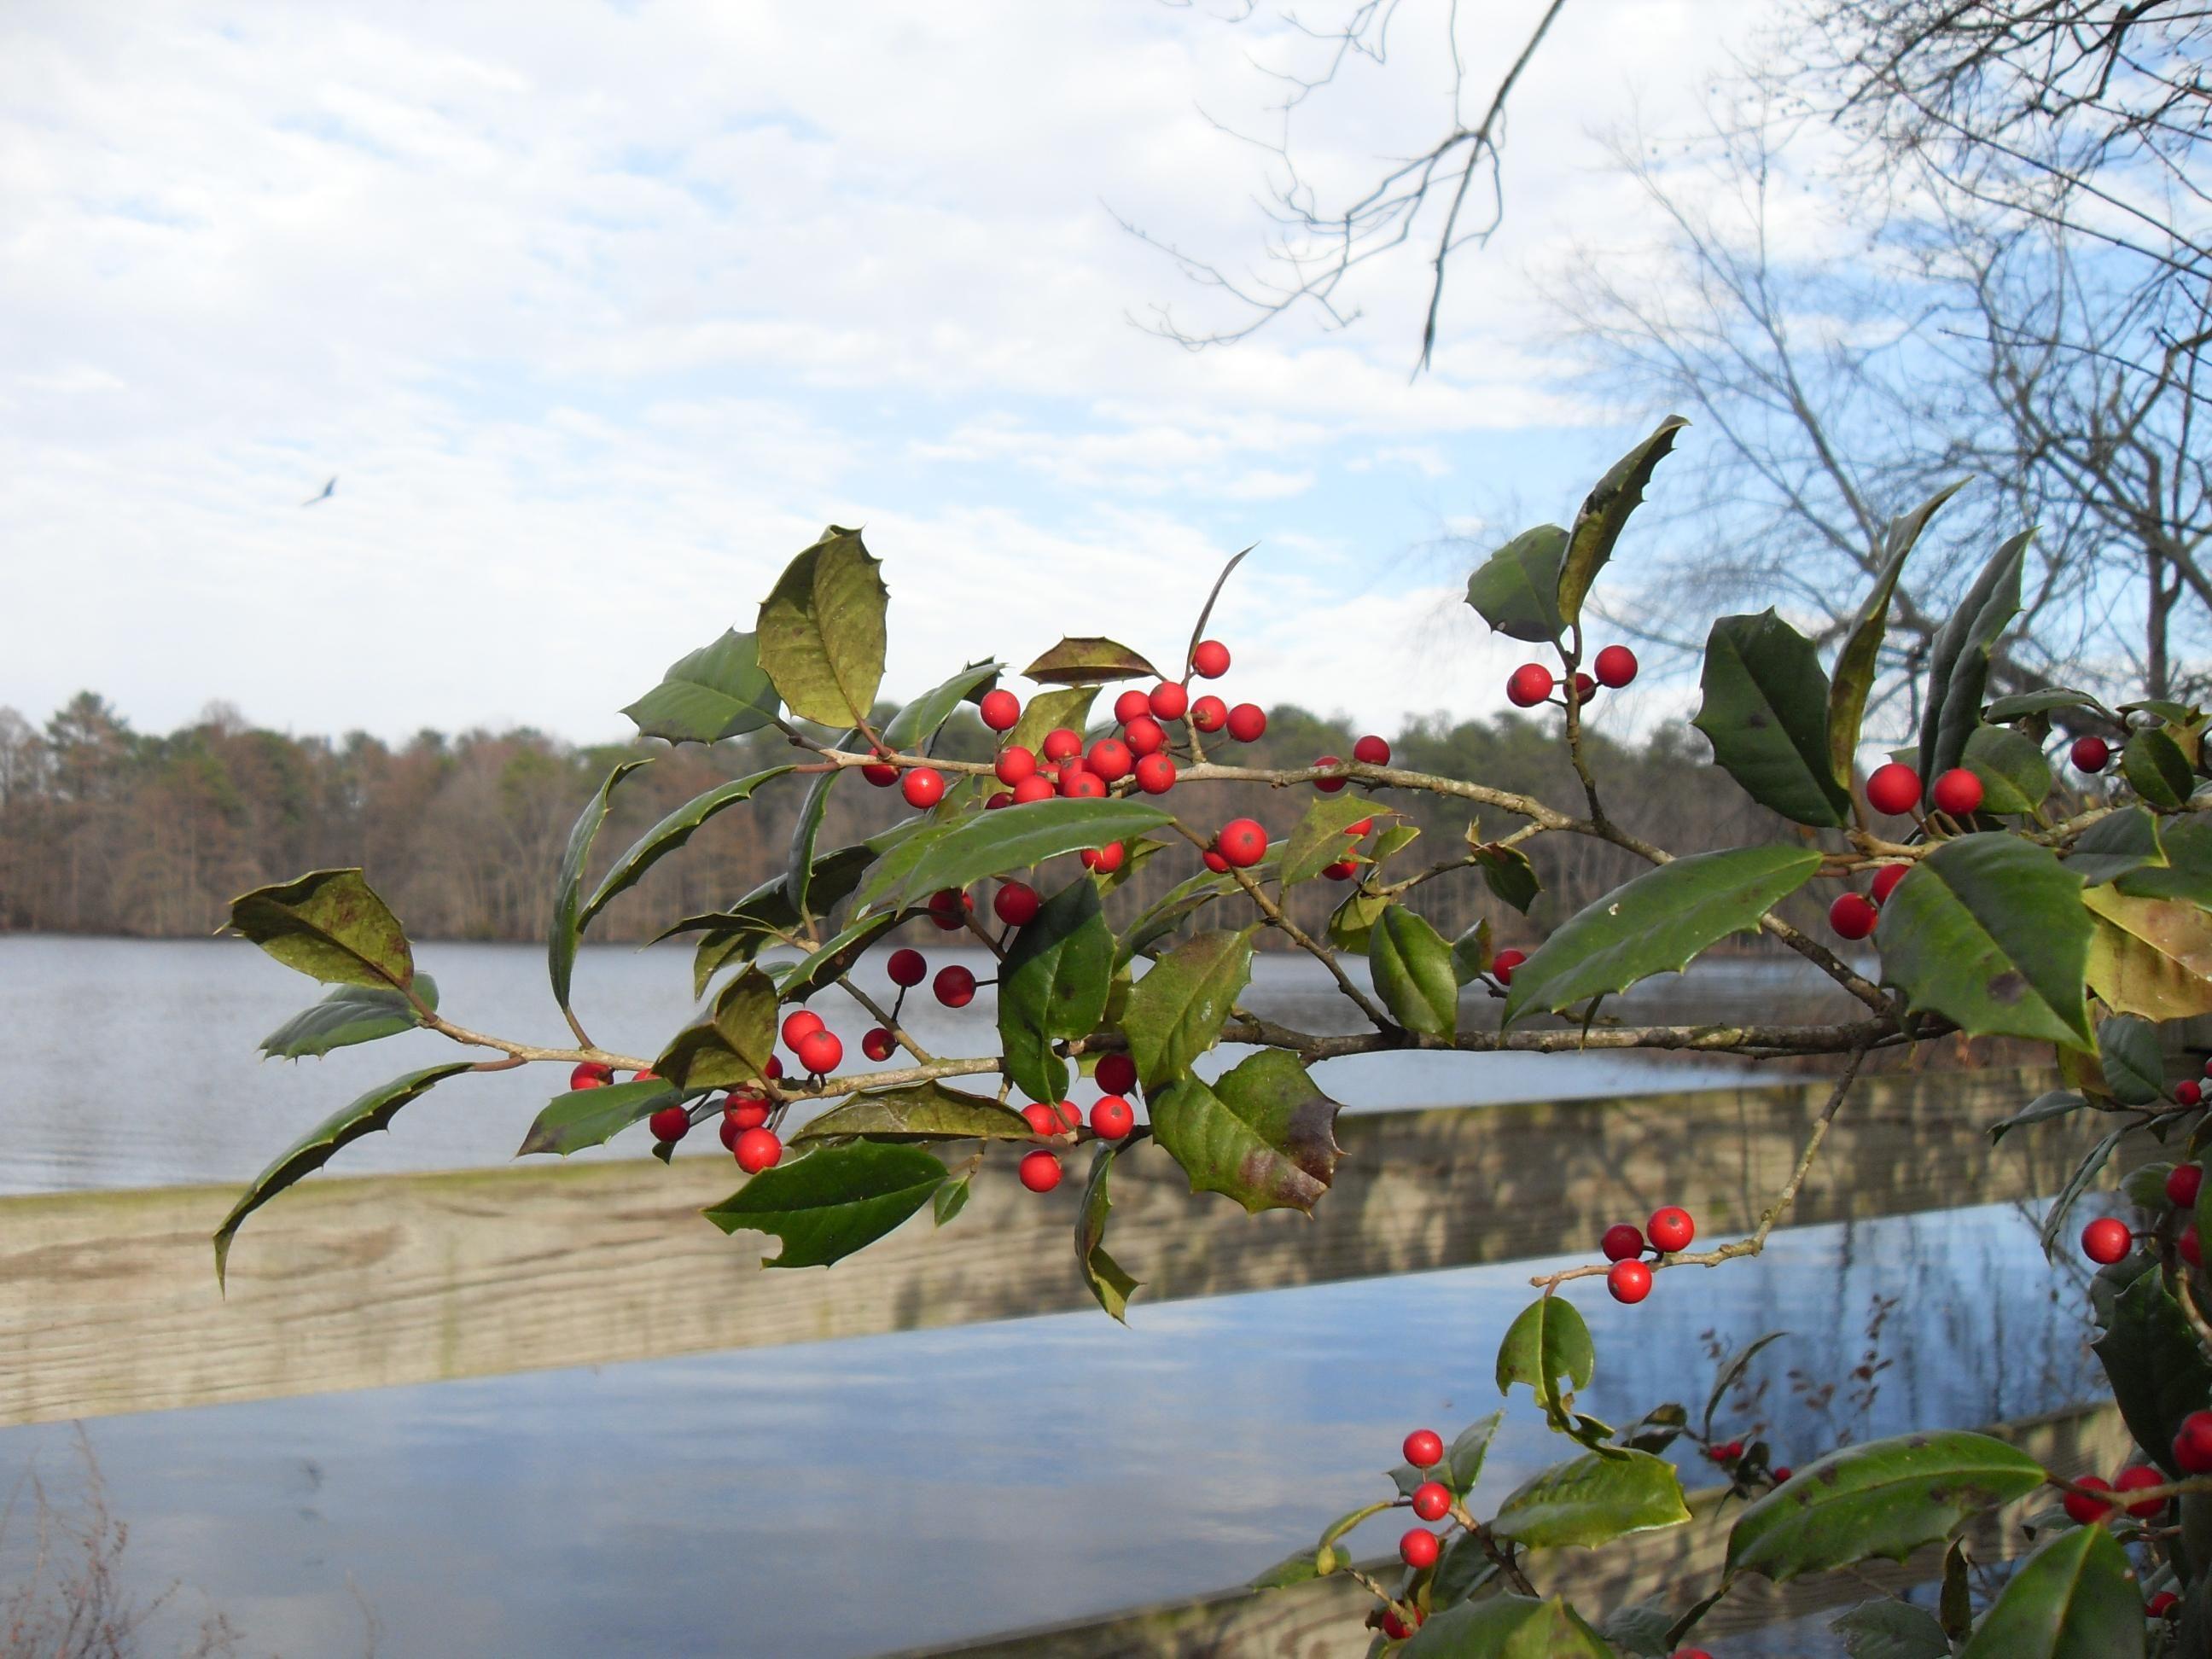 Foto gratis americano agrifoglio rami frutti di bosco - Agrifoglio immagini a colori ...